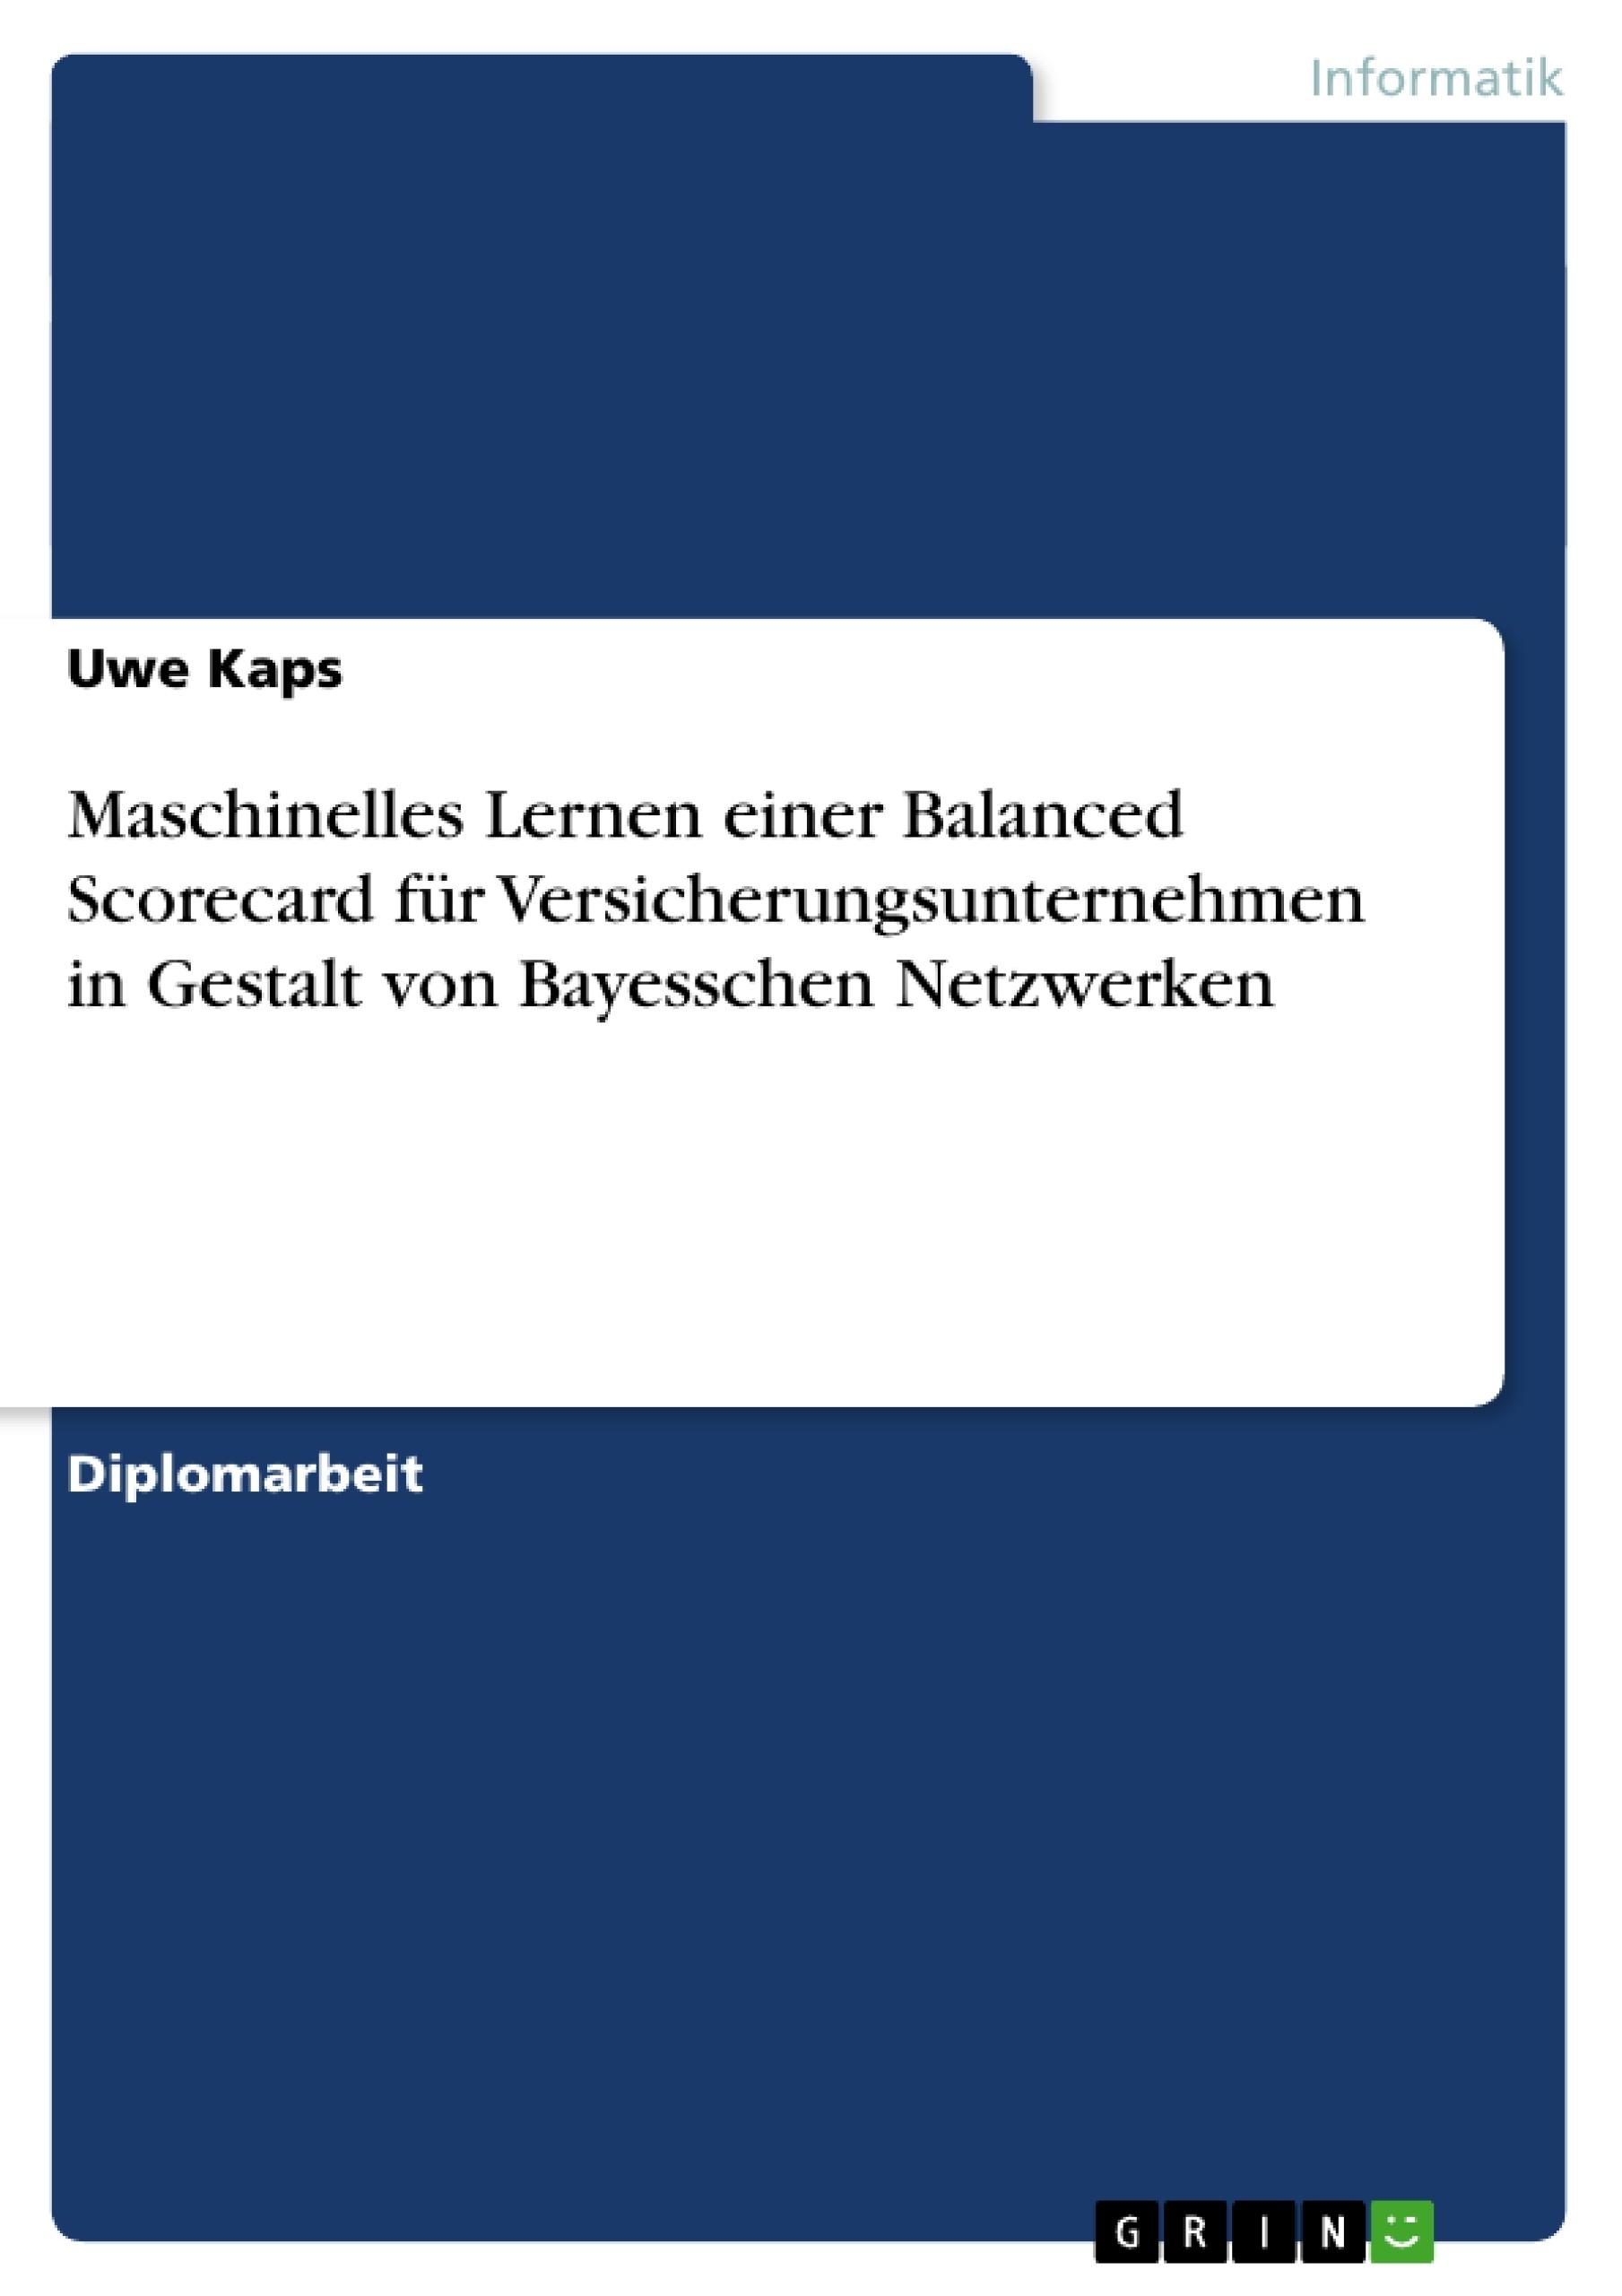 Titel: Maschinelles Lernen einer Balanced Scorecard für Versicherungsunternehmen in Gestalt von Bayesschen Netzwerken